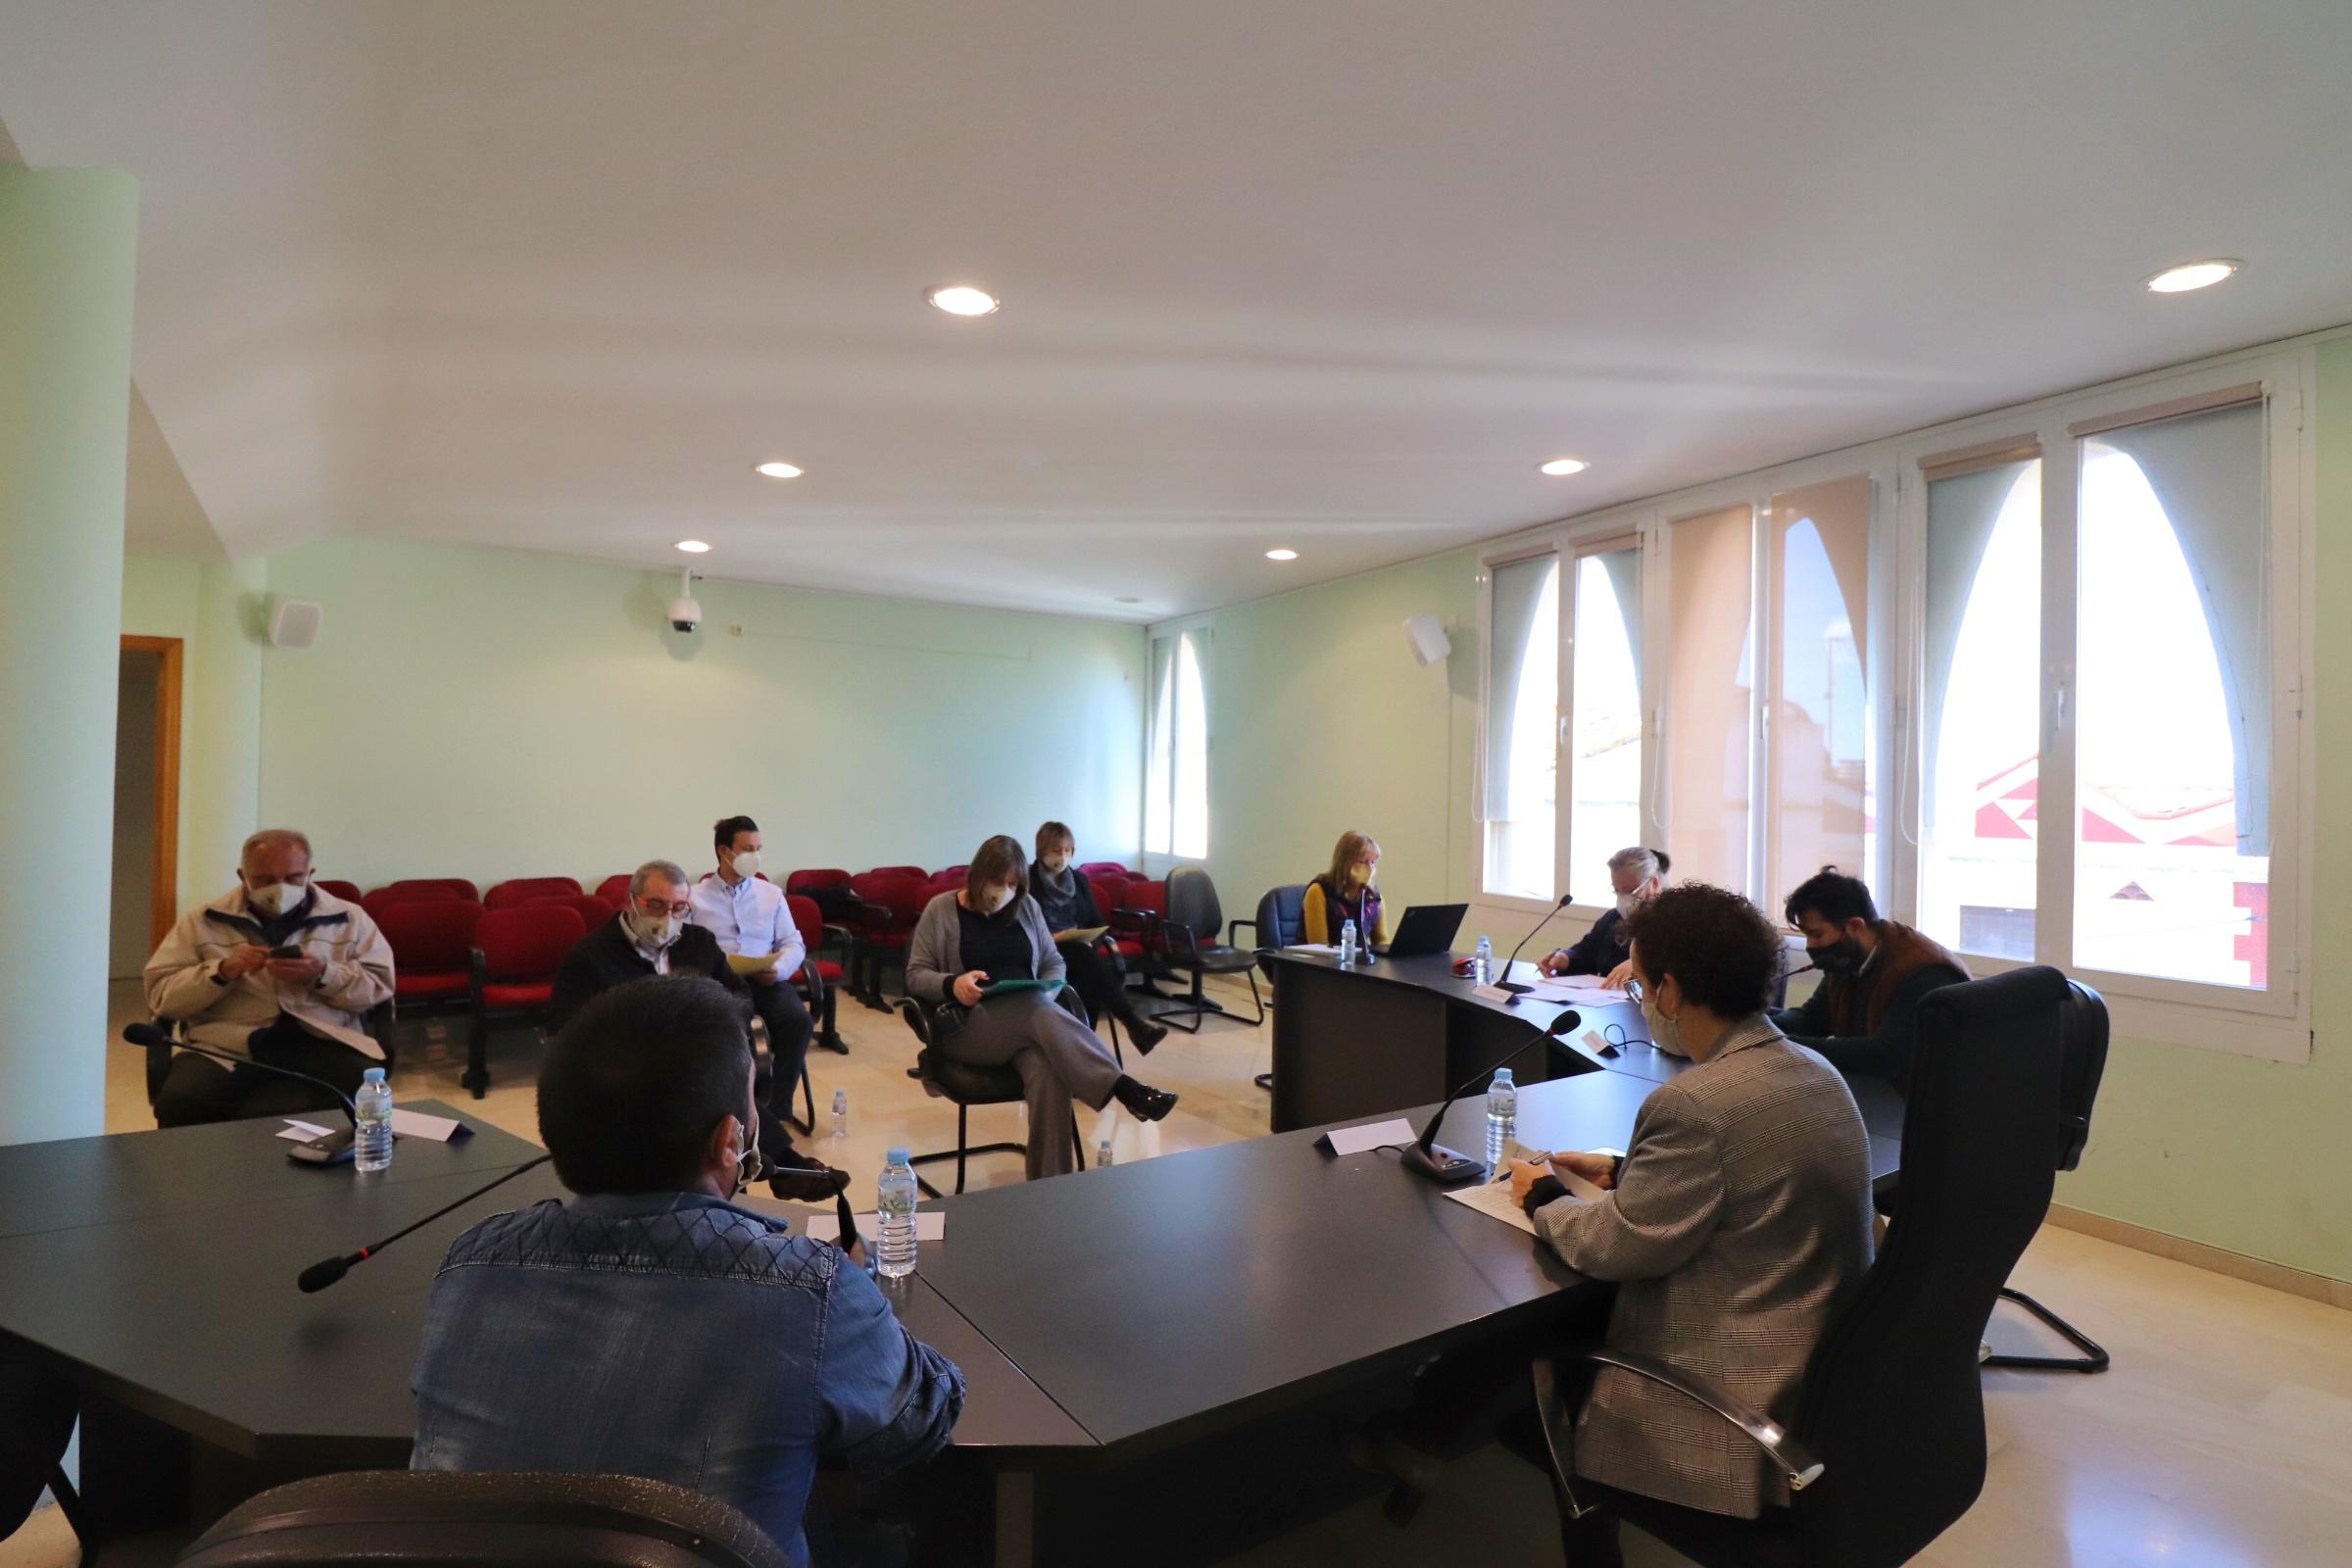 Aquest dilluns 26 d'octubre de 2020 s'ha celebrat un Ple extraordinari a l'Ajuntament de la Bisbal del Penedès